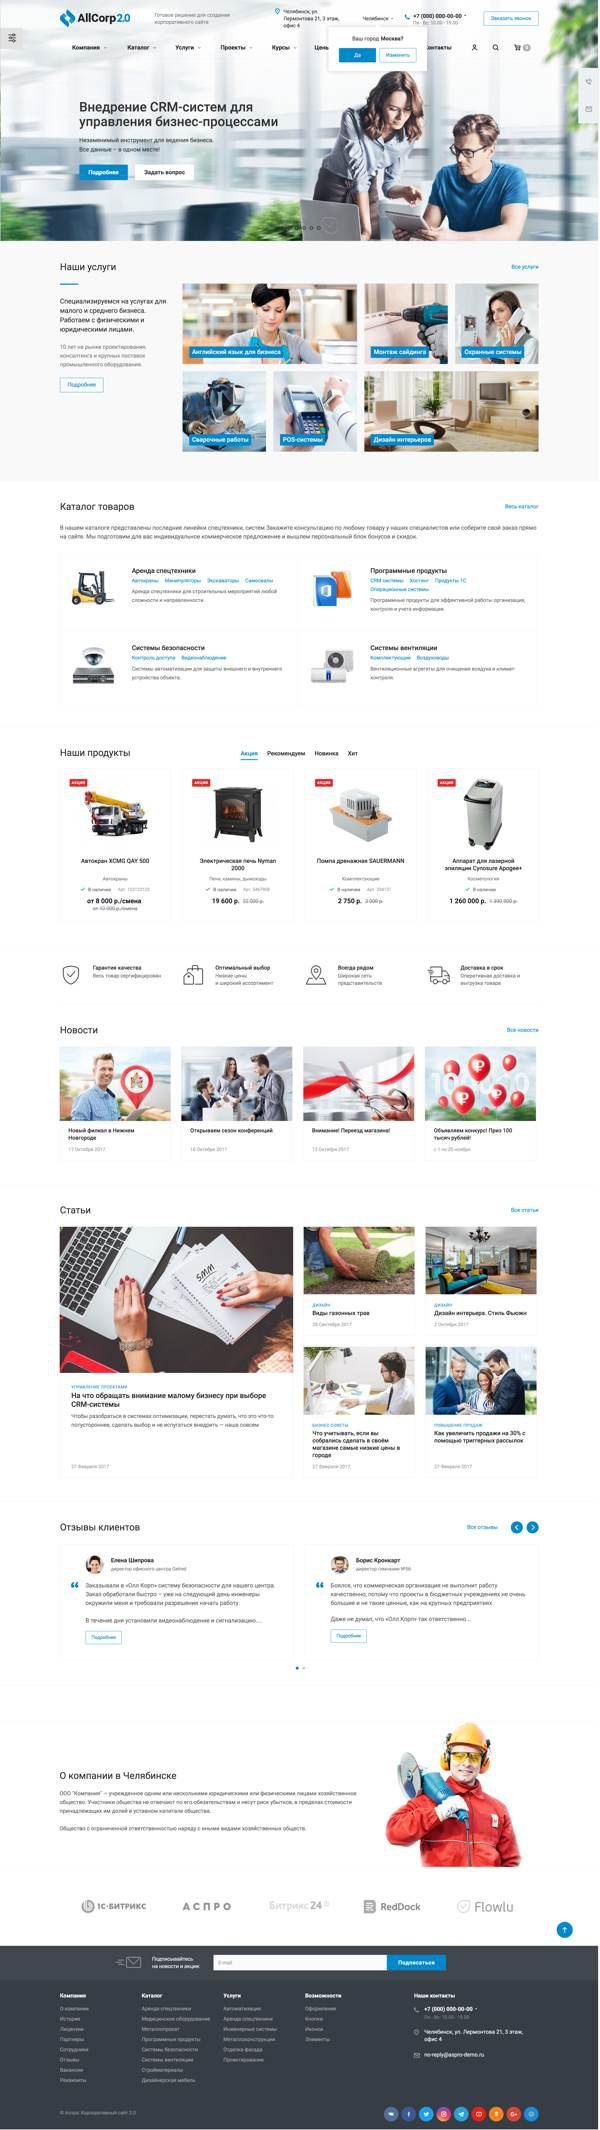 Готовый сайт. AllCorp2 – бизнес-сайт + простой магазин